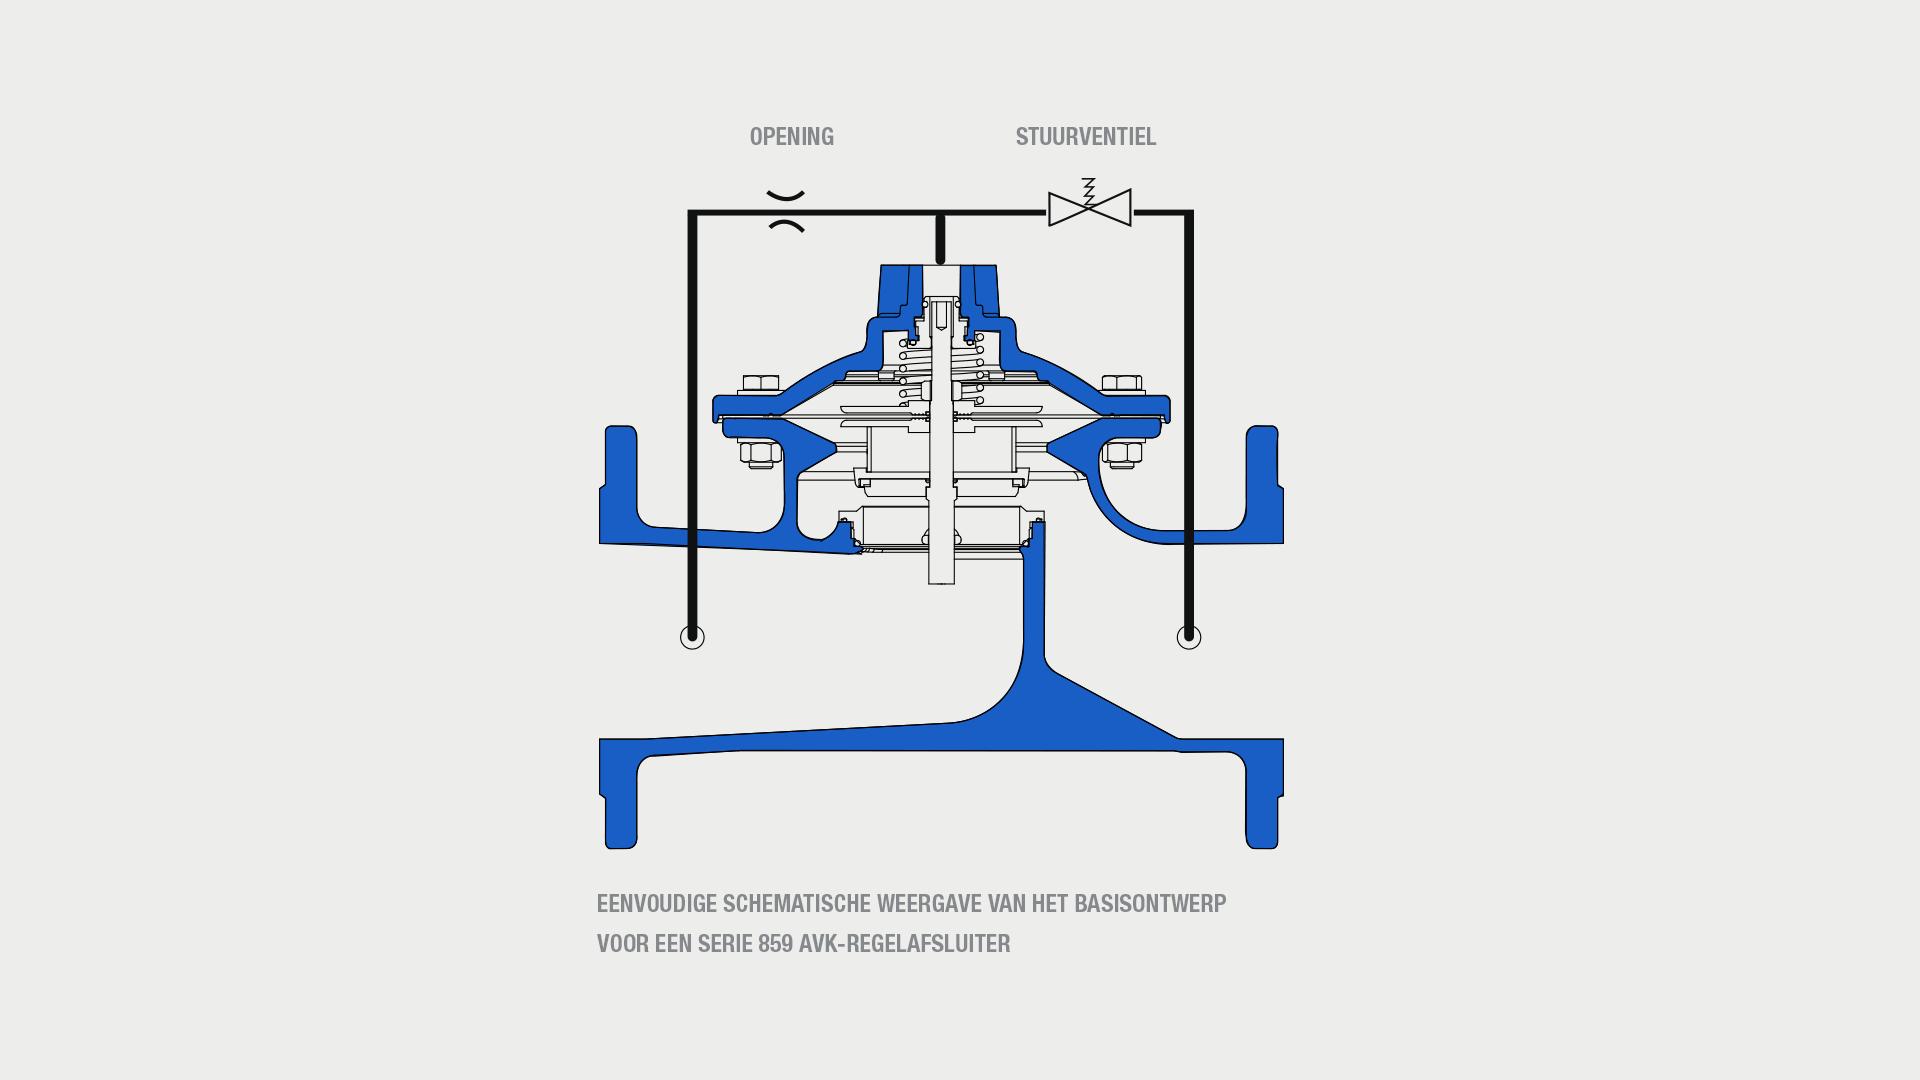 AVK-regelafsluiter schematische voorstelling